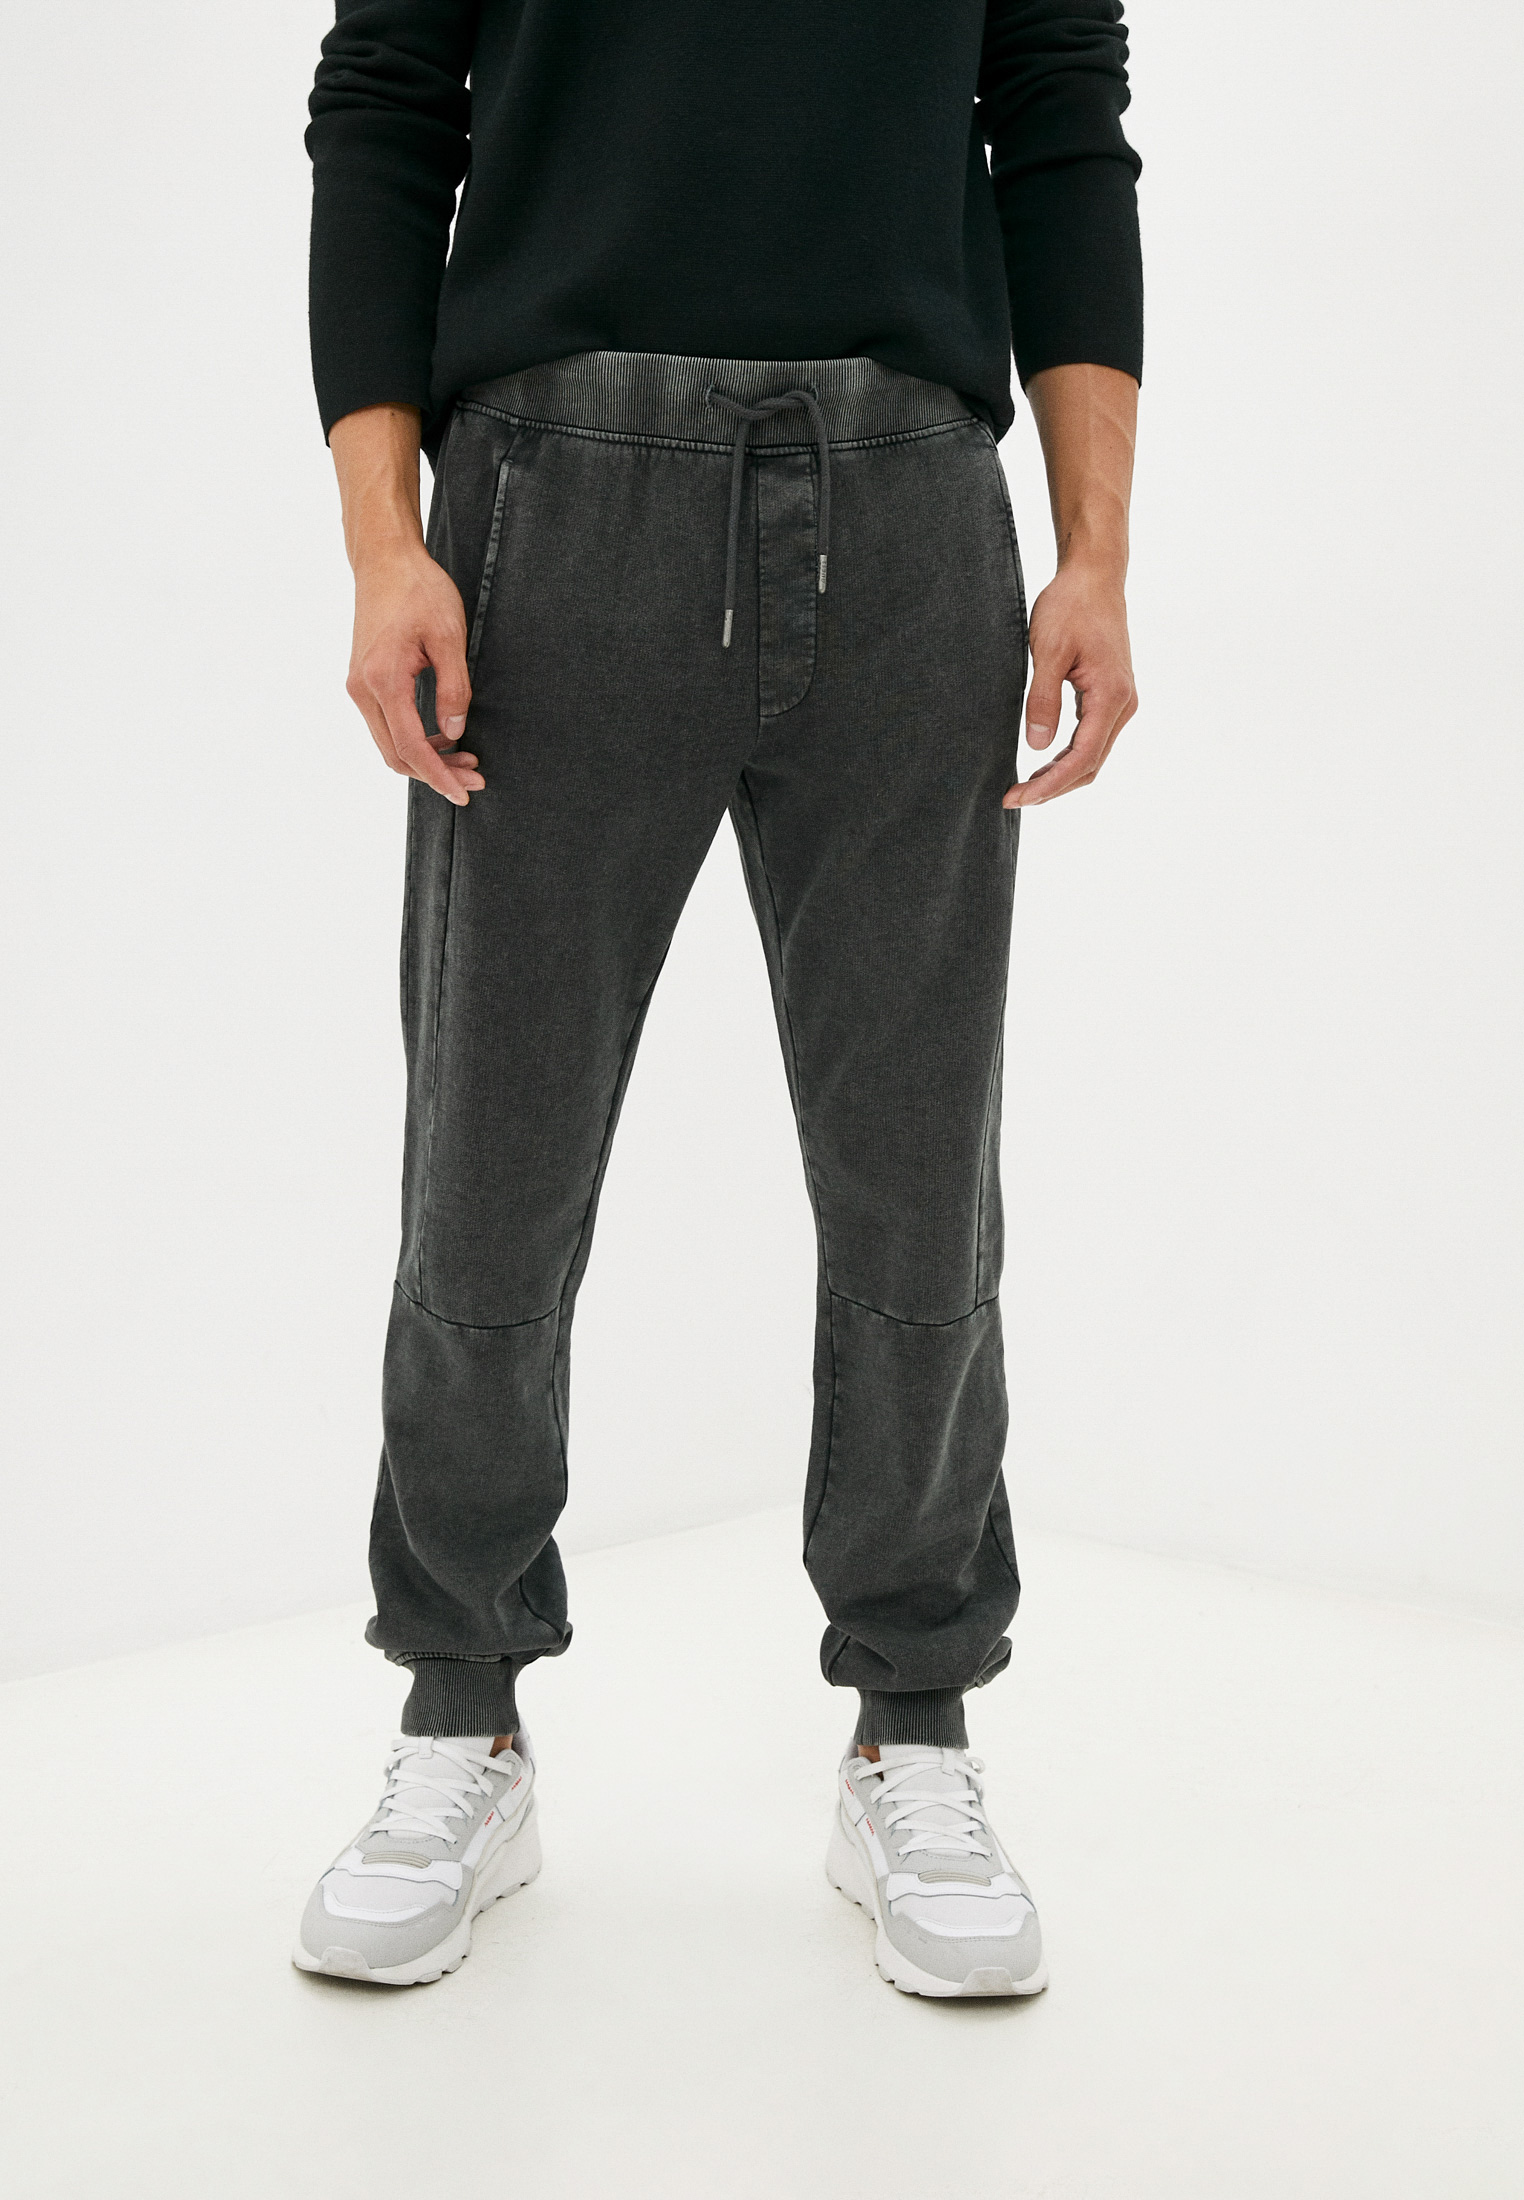 Мужские спортивные брюки Guess Jeans Брюки спортивные Guess Jeans